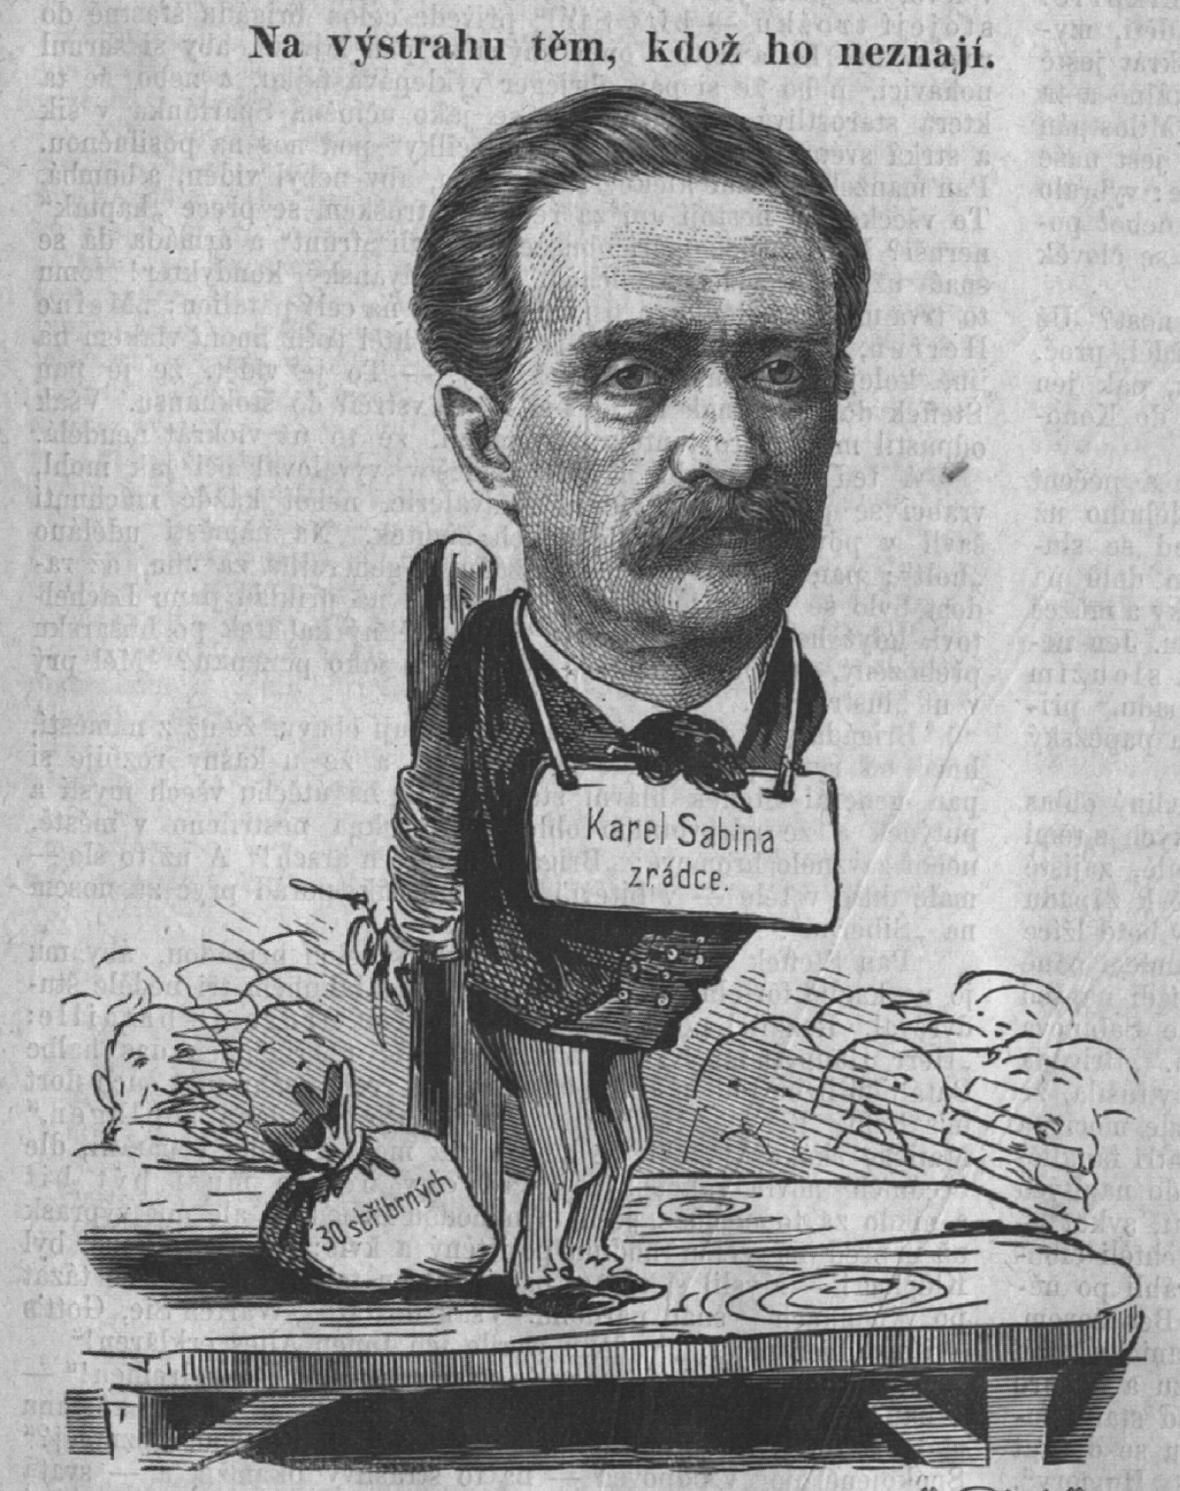 Karikatura Karla Sabiny po tzv. národním soudu